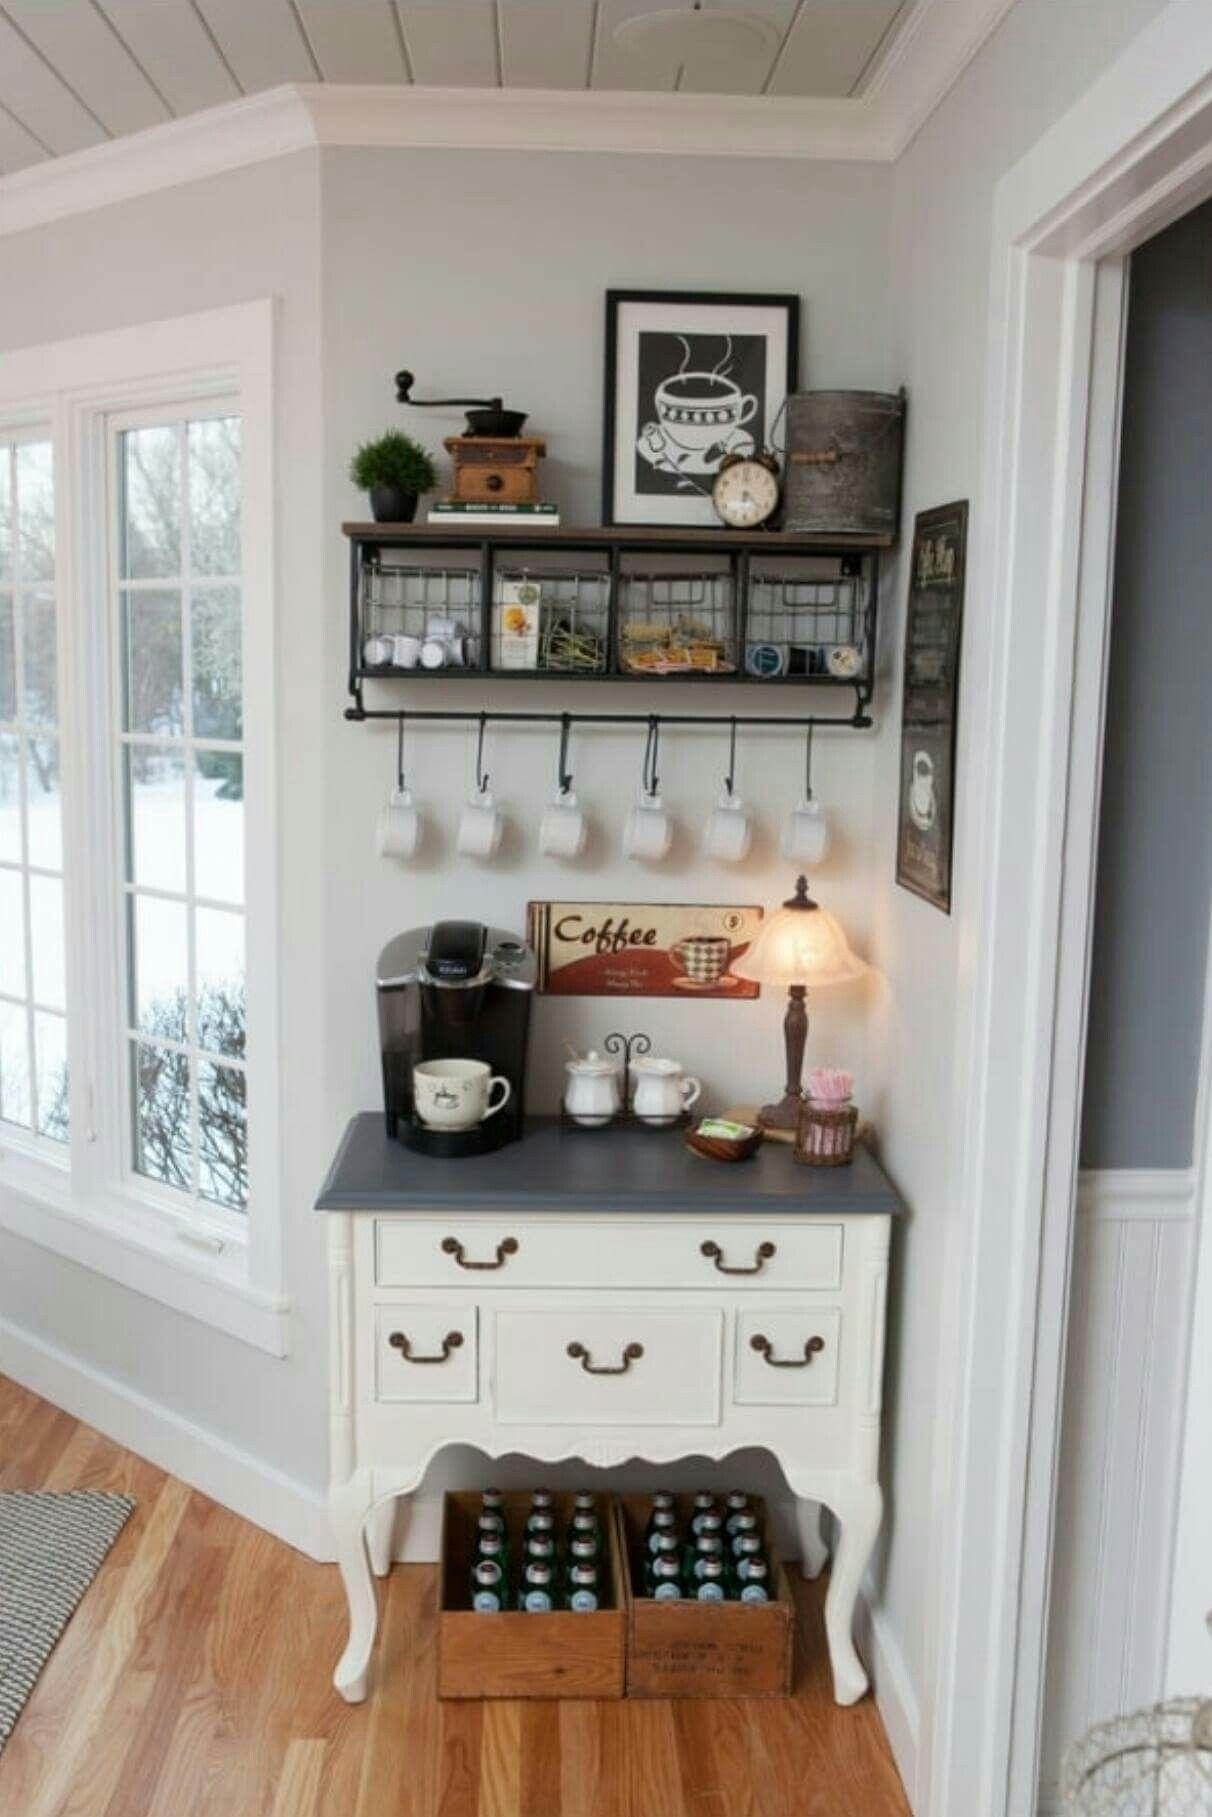 Pin von Carrie Ann auf Decorating Ideas | Pinterest | Wohnzimmer und ...